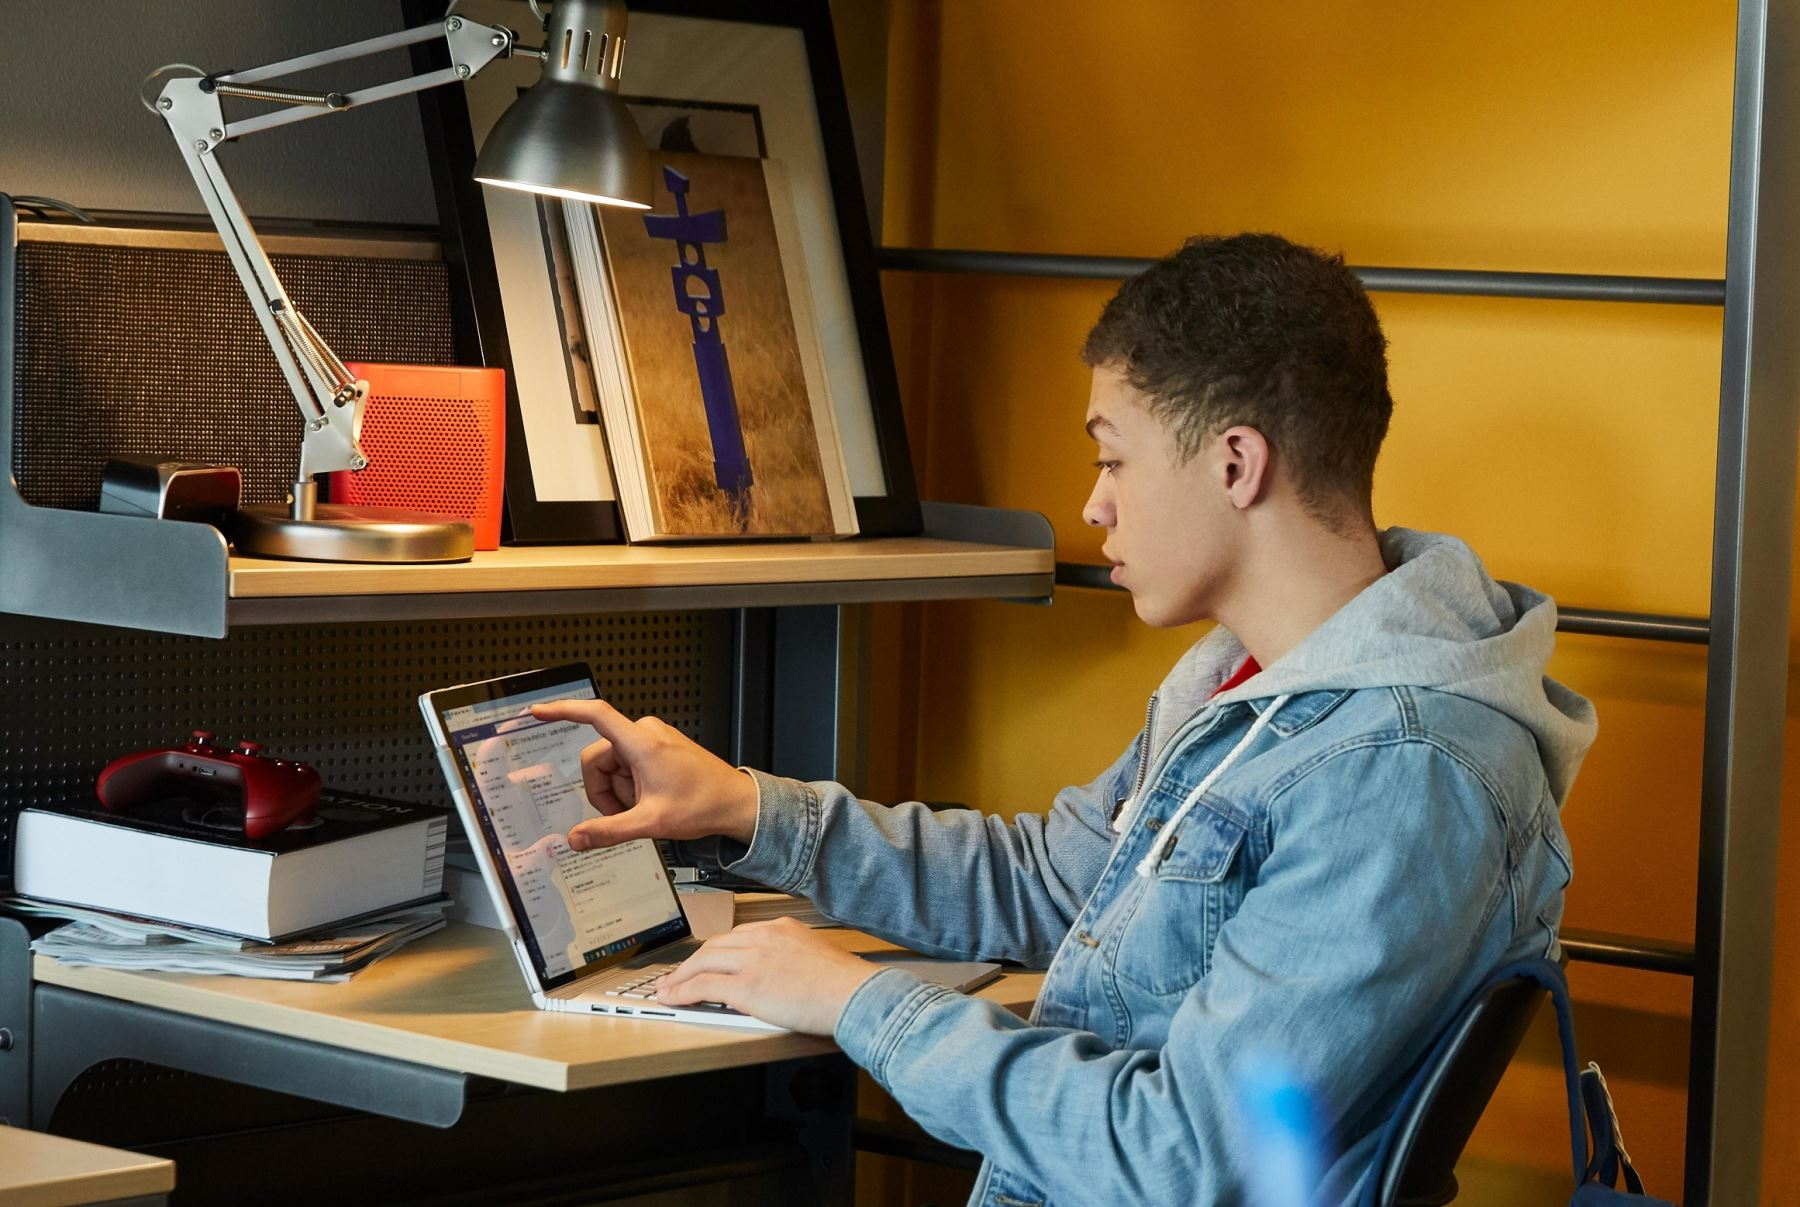 Curso gratuito de Microsoft busca acercar a los más jóvenes a la Inteligencia Artificial